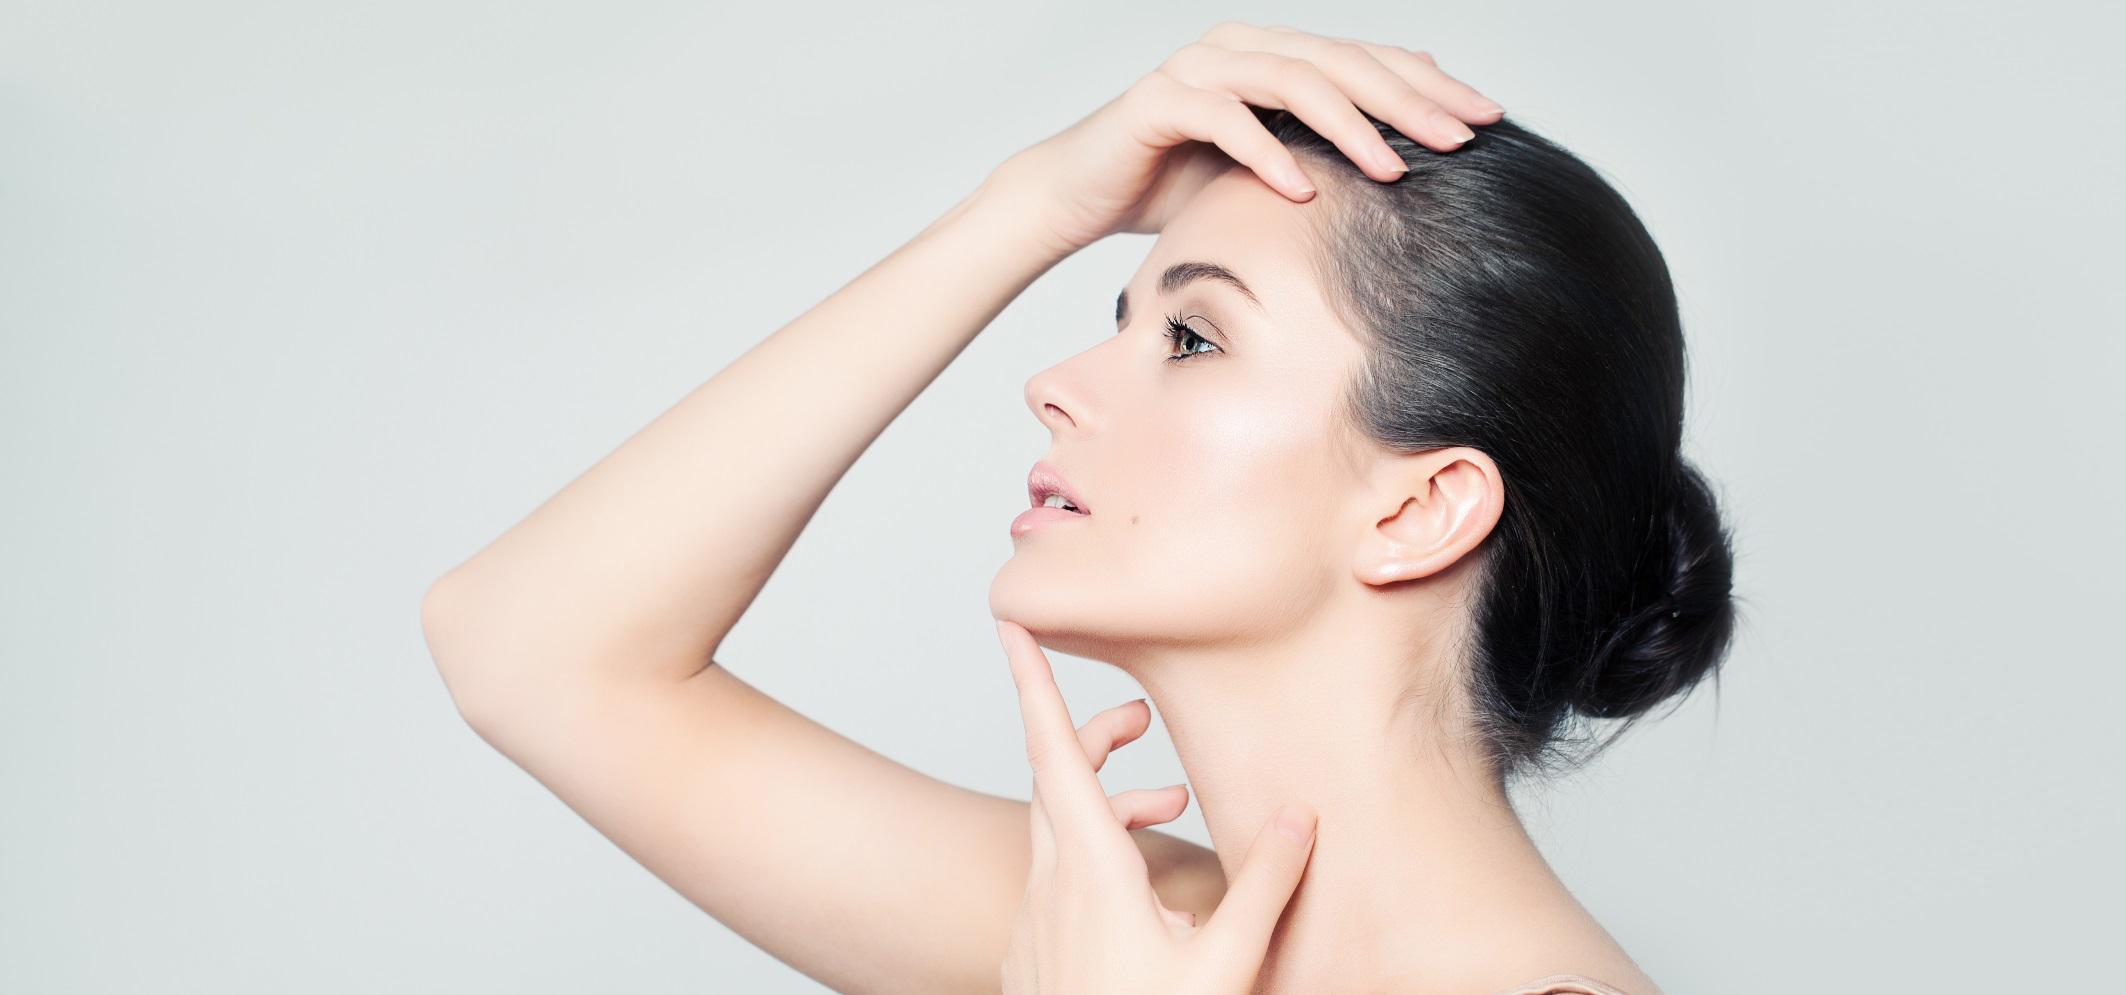 Как правильно выбрать восстанавливающий крем для лица?